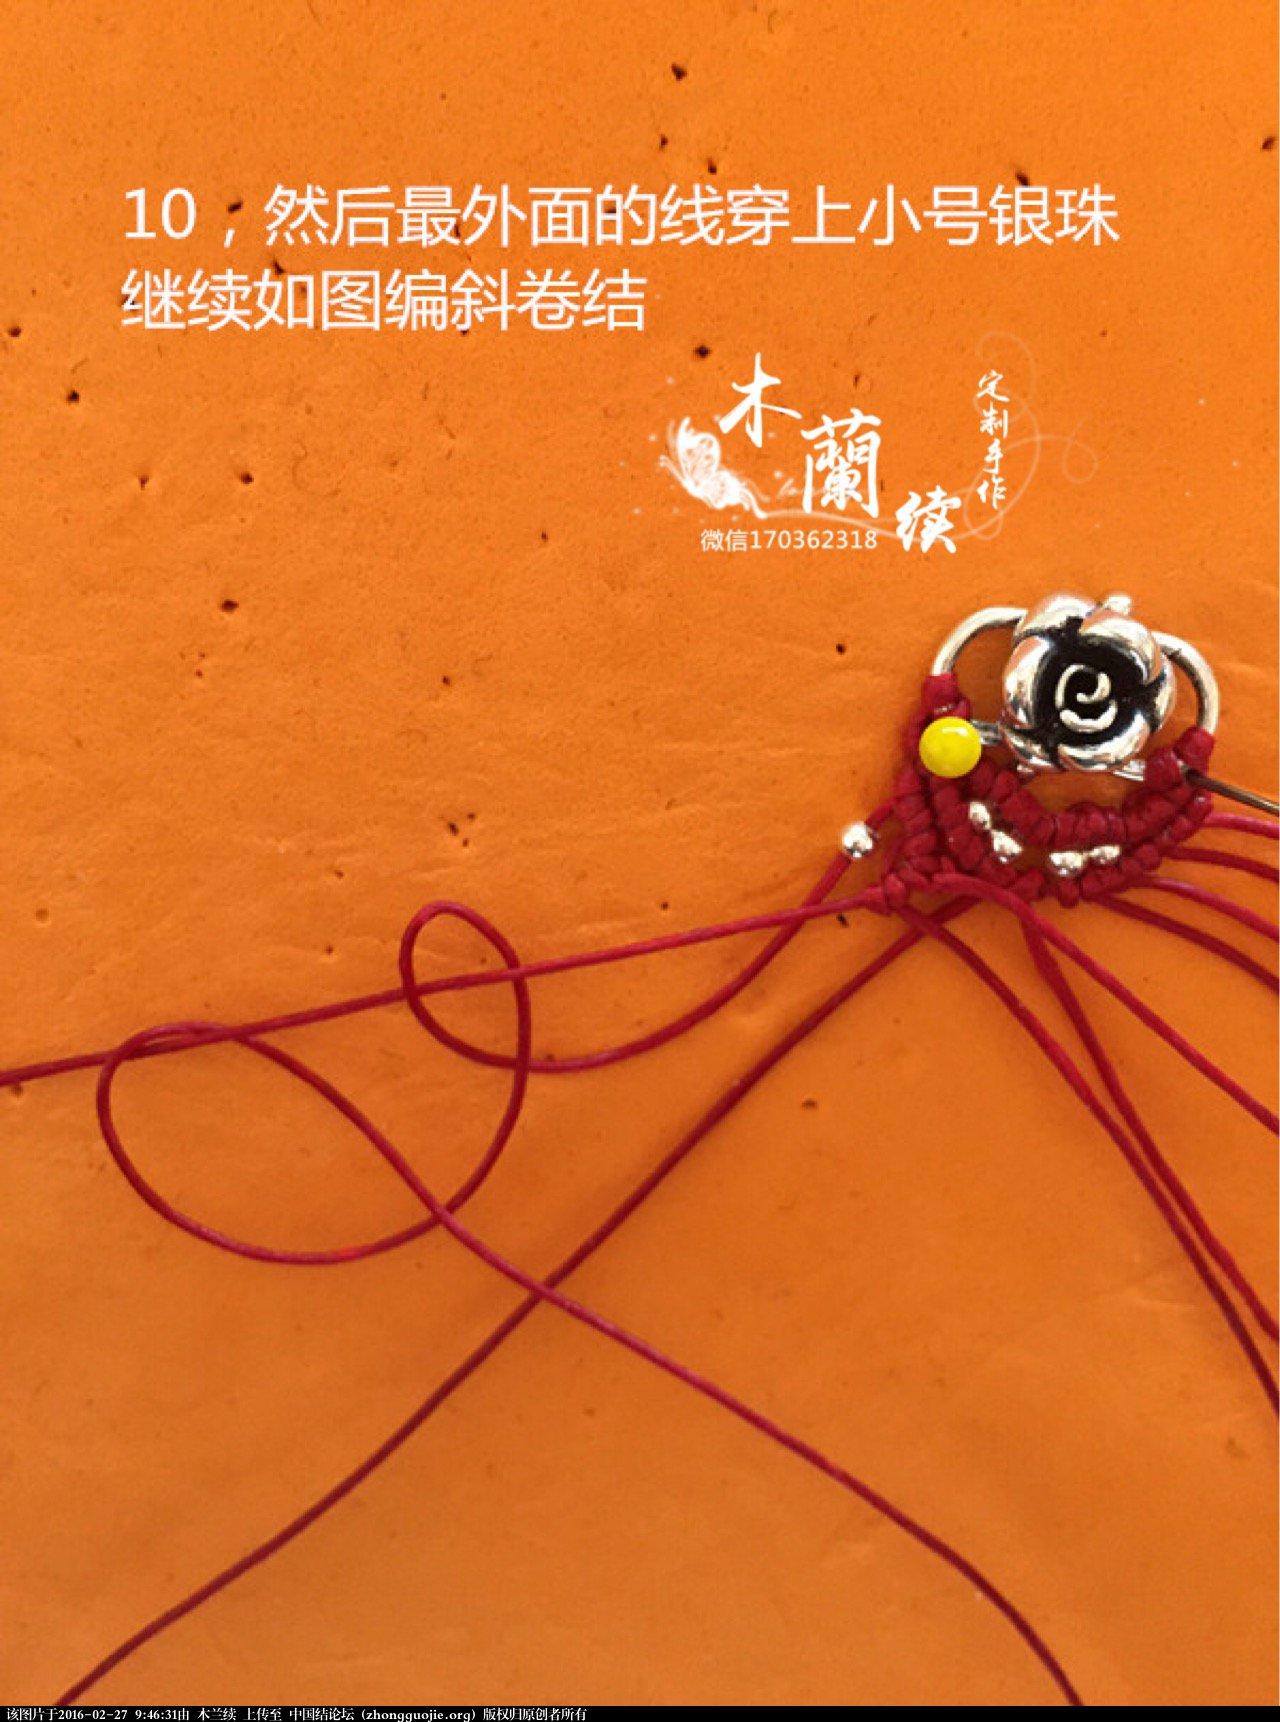 """中国结论坛 【木兰续·定制手作】指环""""玫瑰誓言"""",带教程! 玫瑰,木兰 图文教程区 094459x632735f77kk4266"""